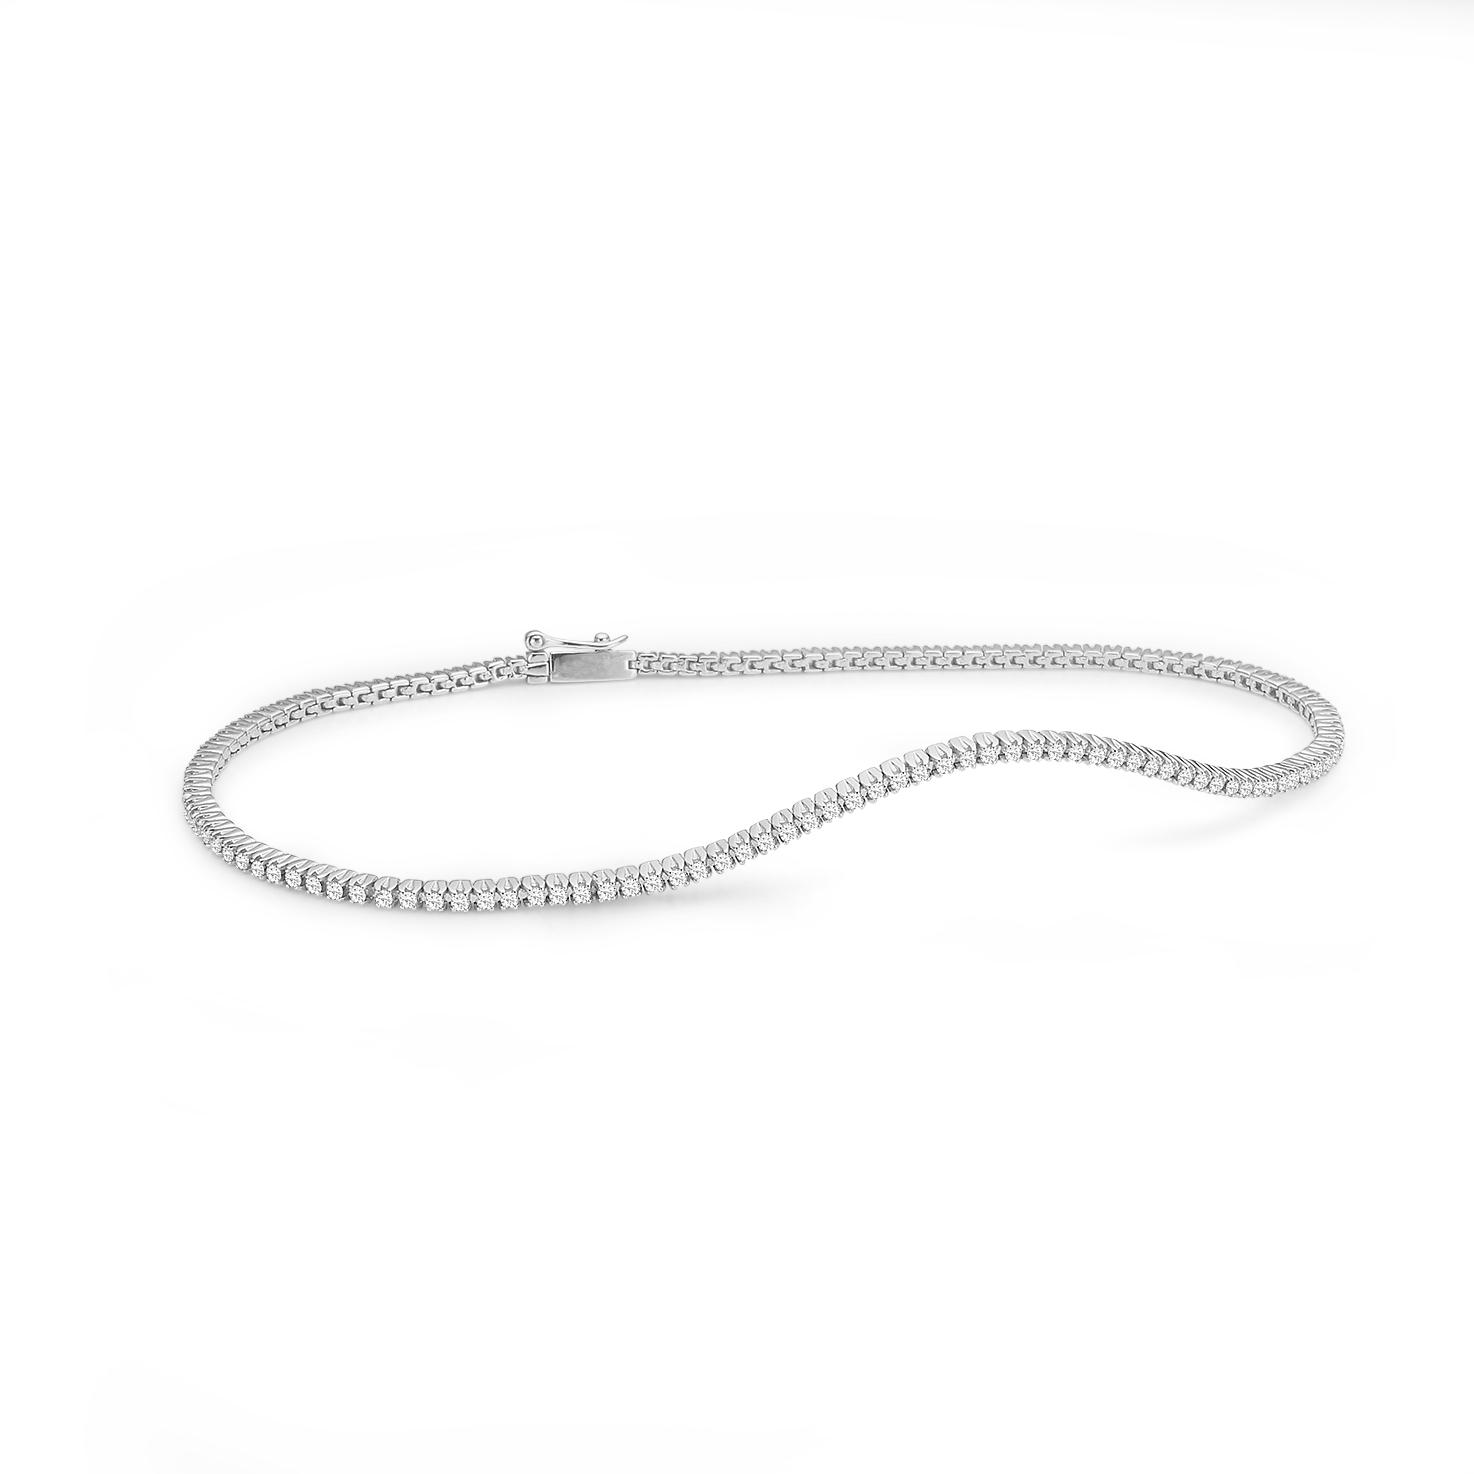 Image of   Aagaard 14 kt hvidguld armbånd med diamanter - 44101797-18 18 centimeter